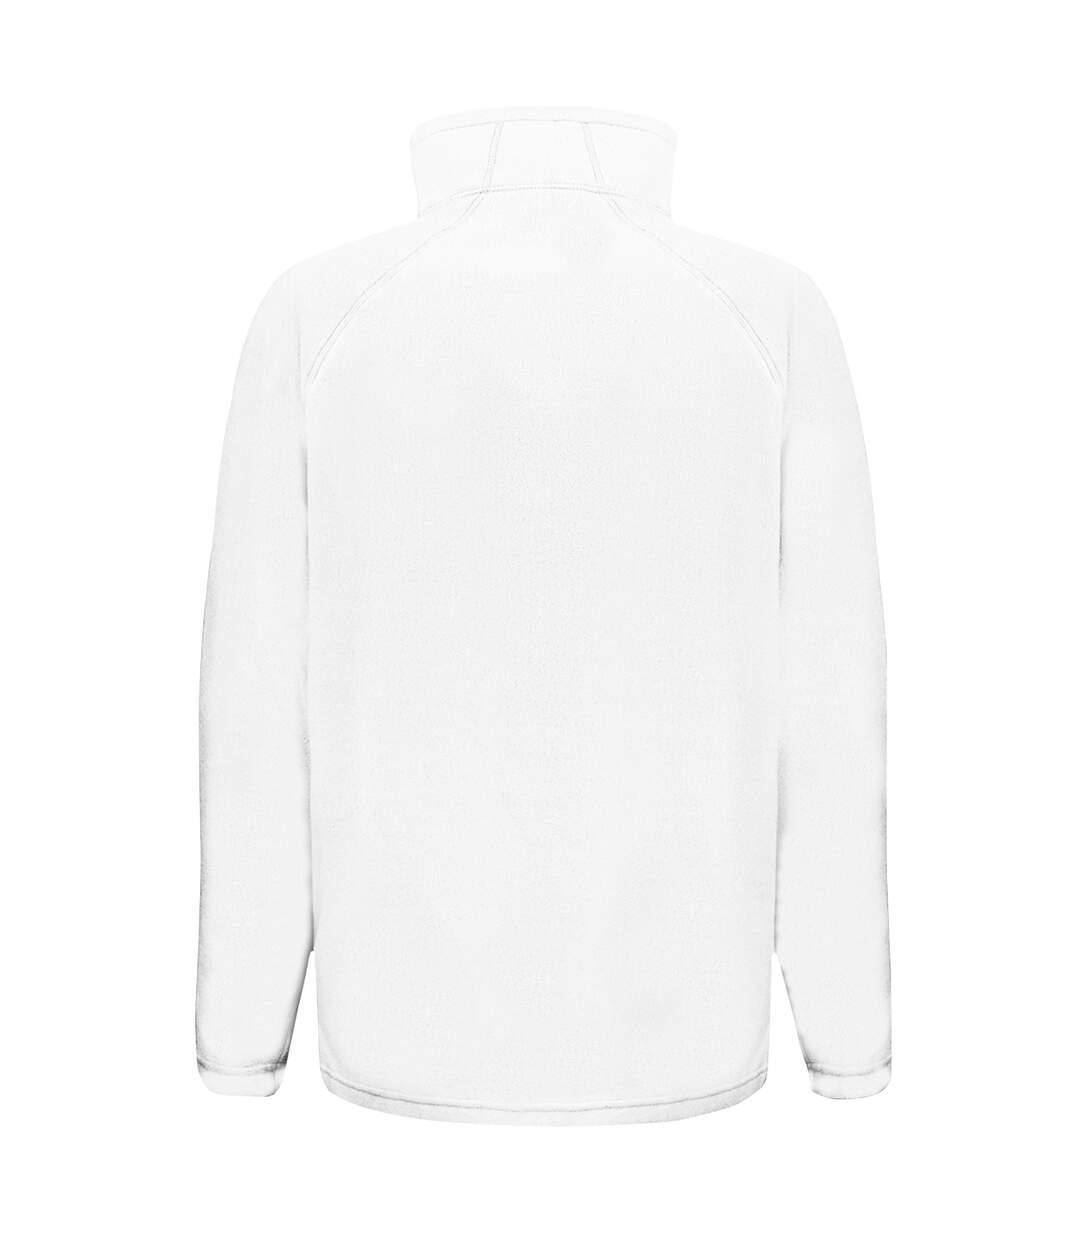 Result Core - Veste polaire - Homme (Blanc) - UTBC852